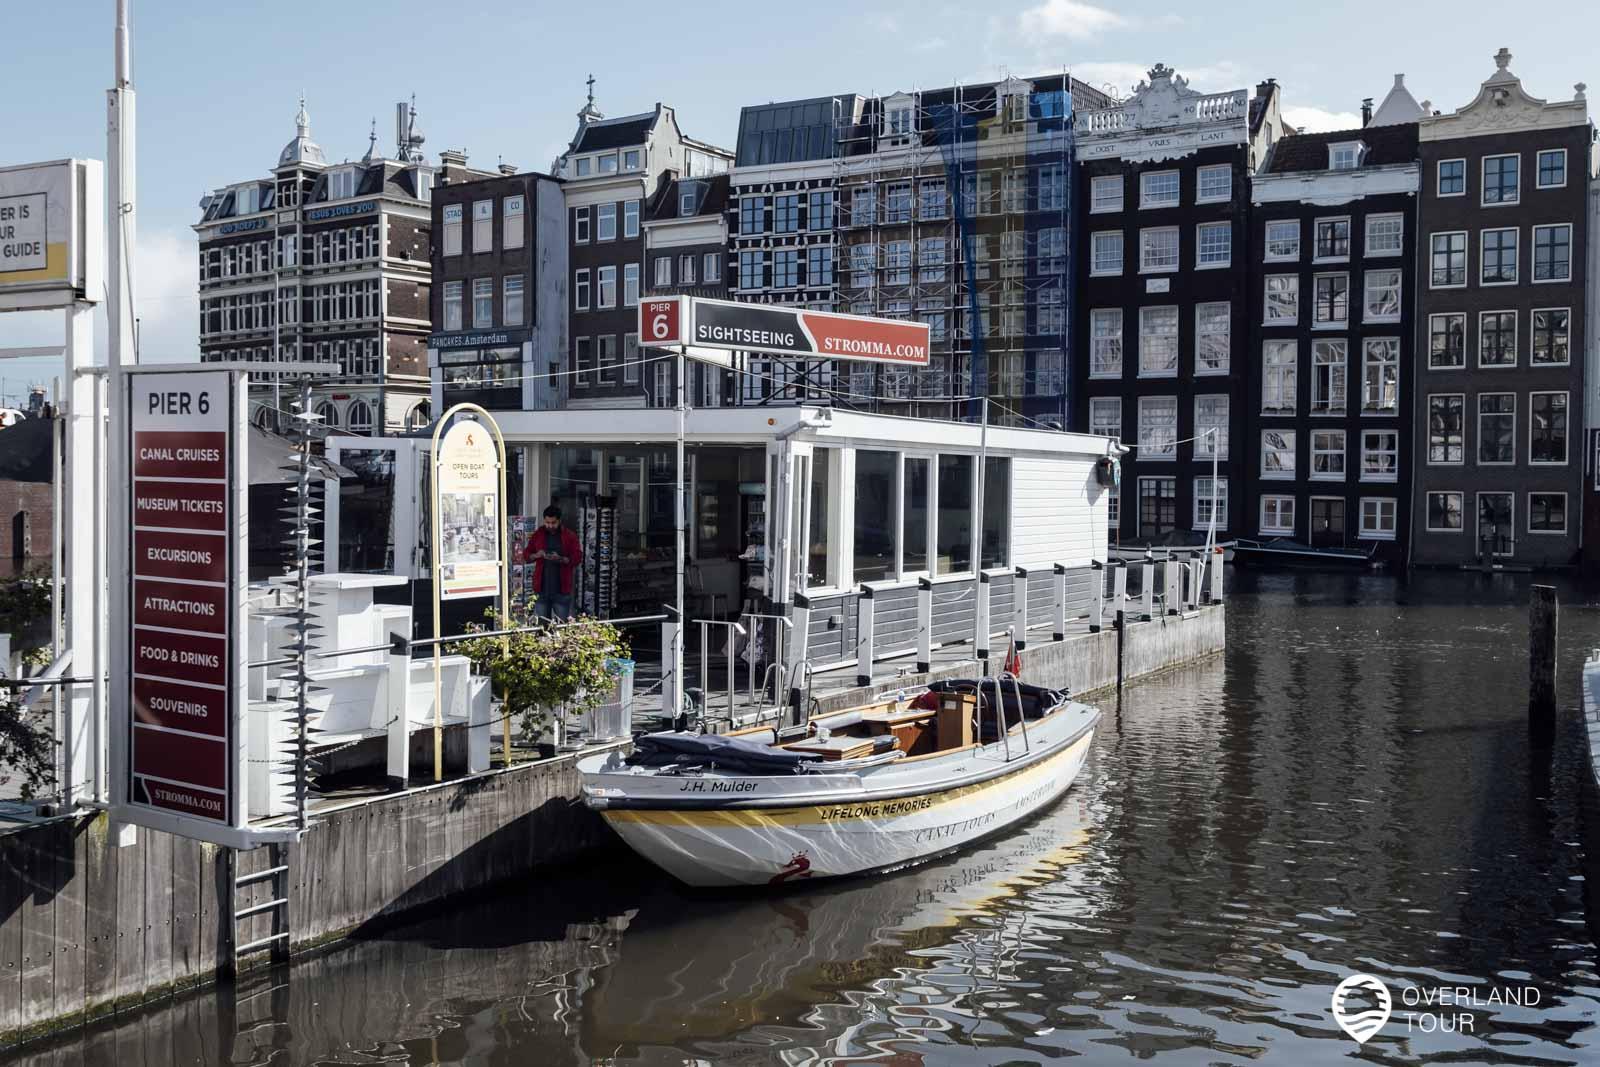 Unsere Schaluppe mit der wir die Grachtenfahrt durch Amsterdam machten